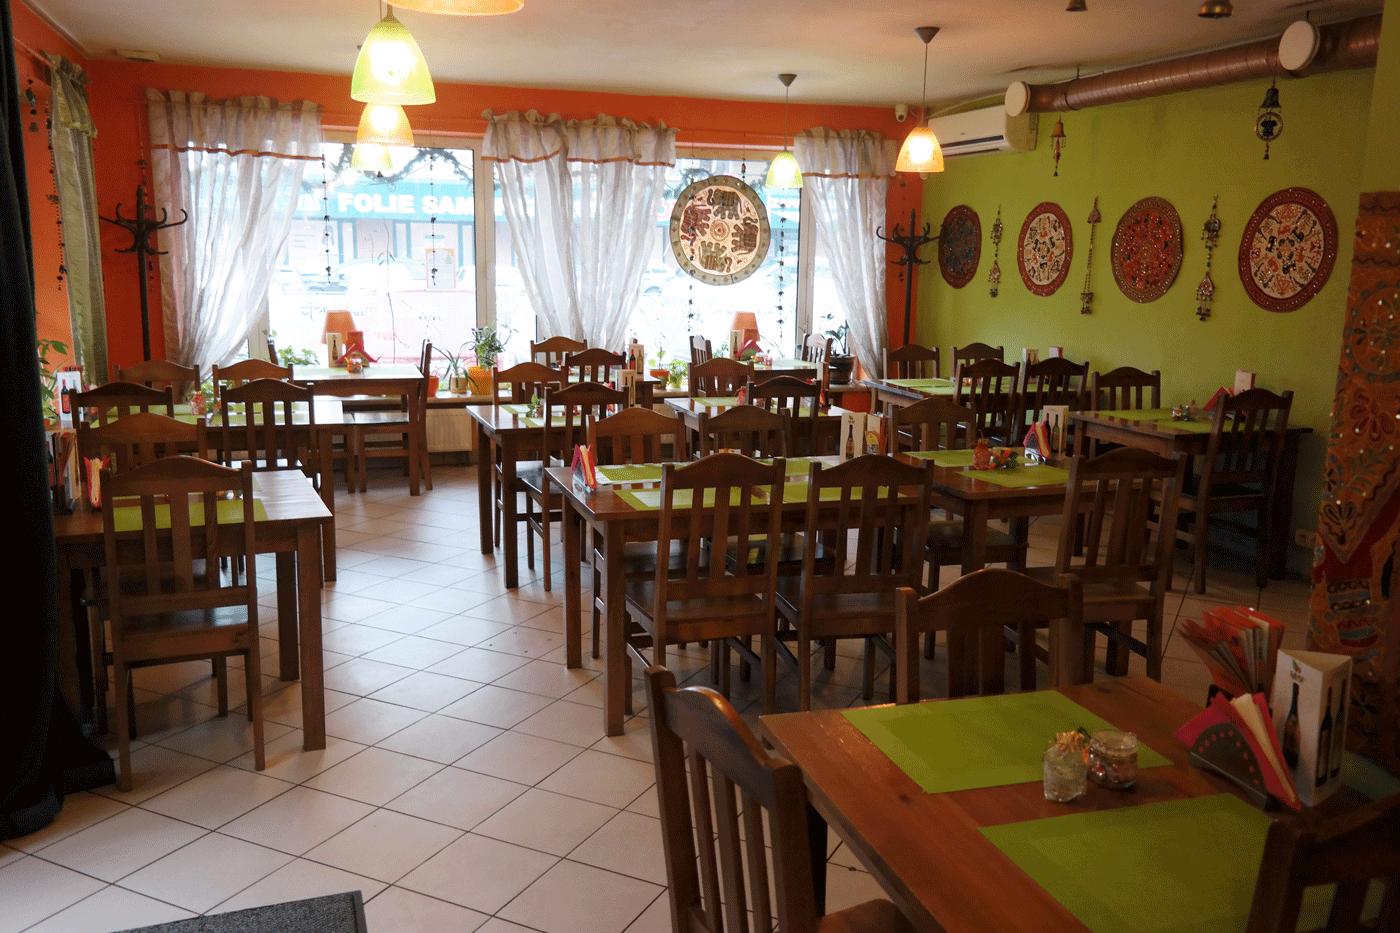 restauracja indyjska mokotów wirtualny spacer